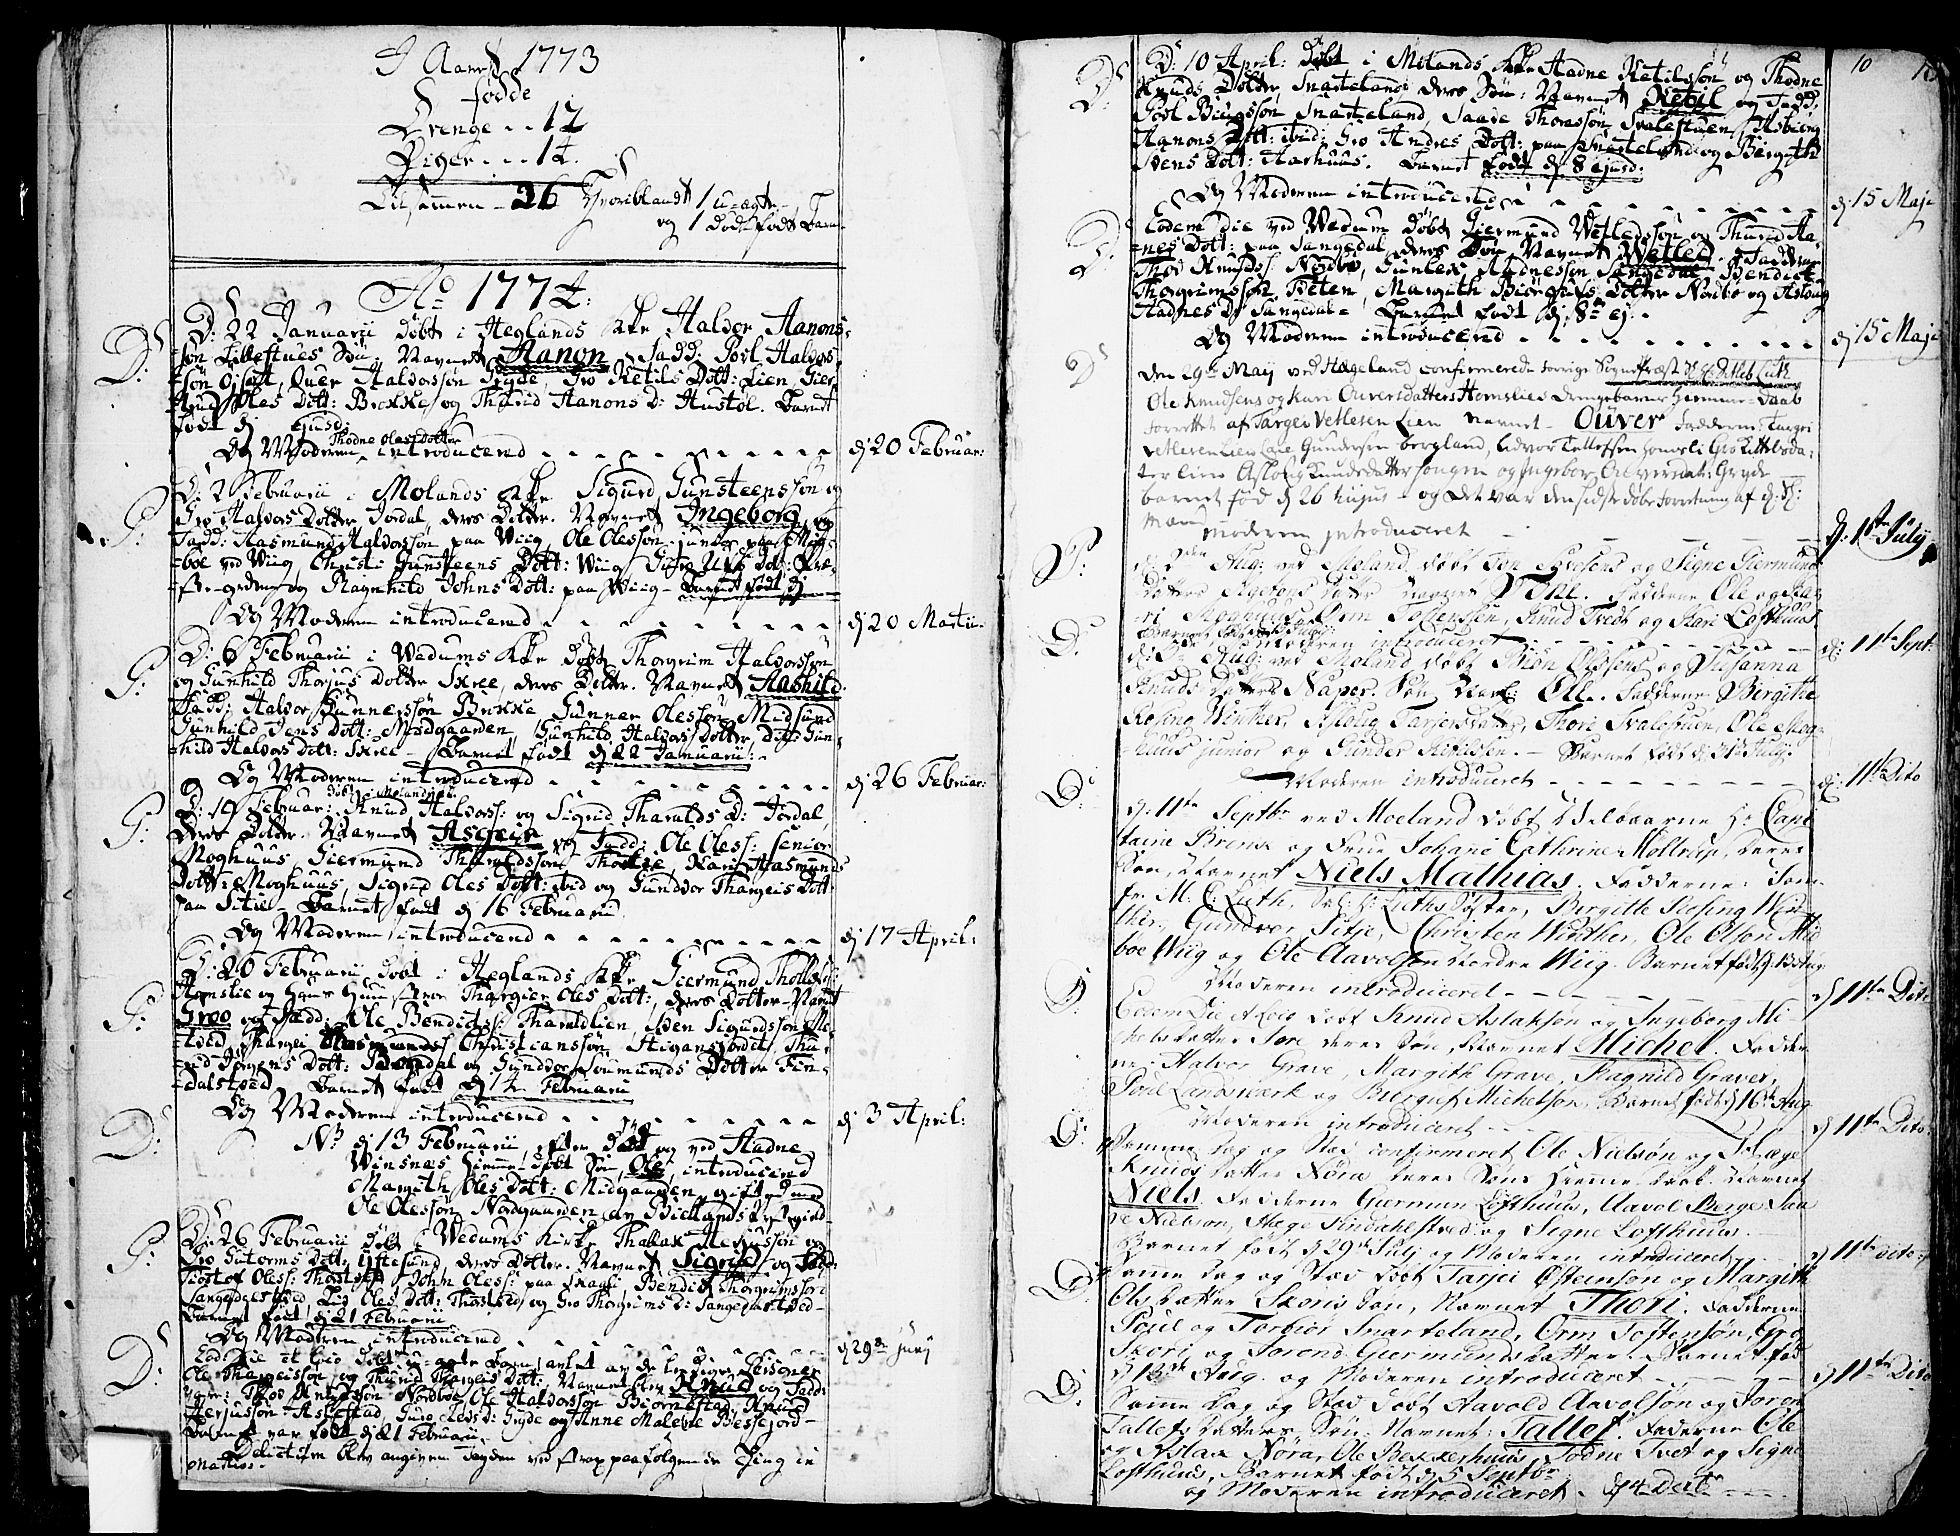 SAKO, Fyresdal kirkebøker, F/Fa/L0002: Ministerialbok nr. I 2, 1769-1814, s. 10